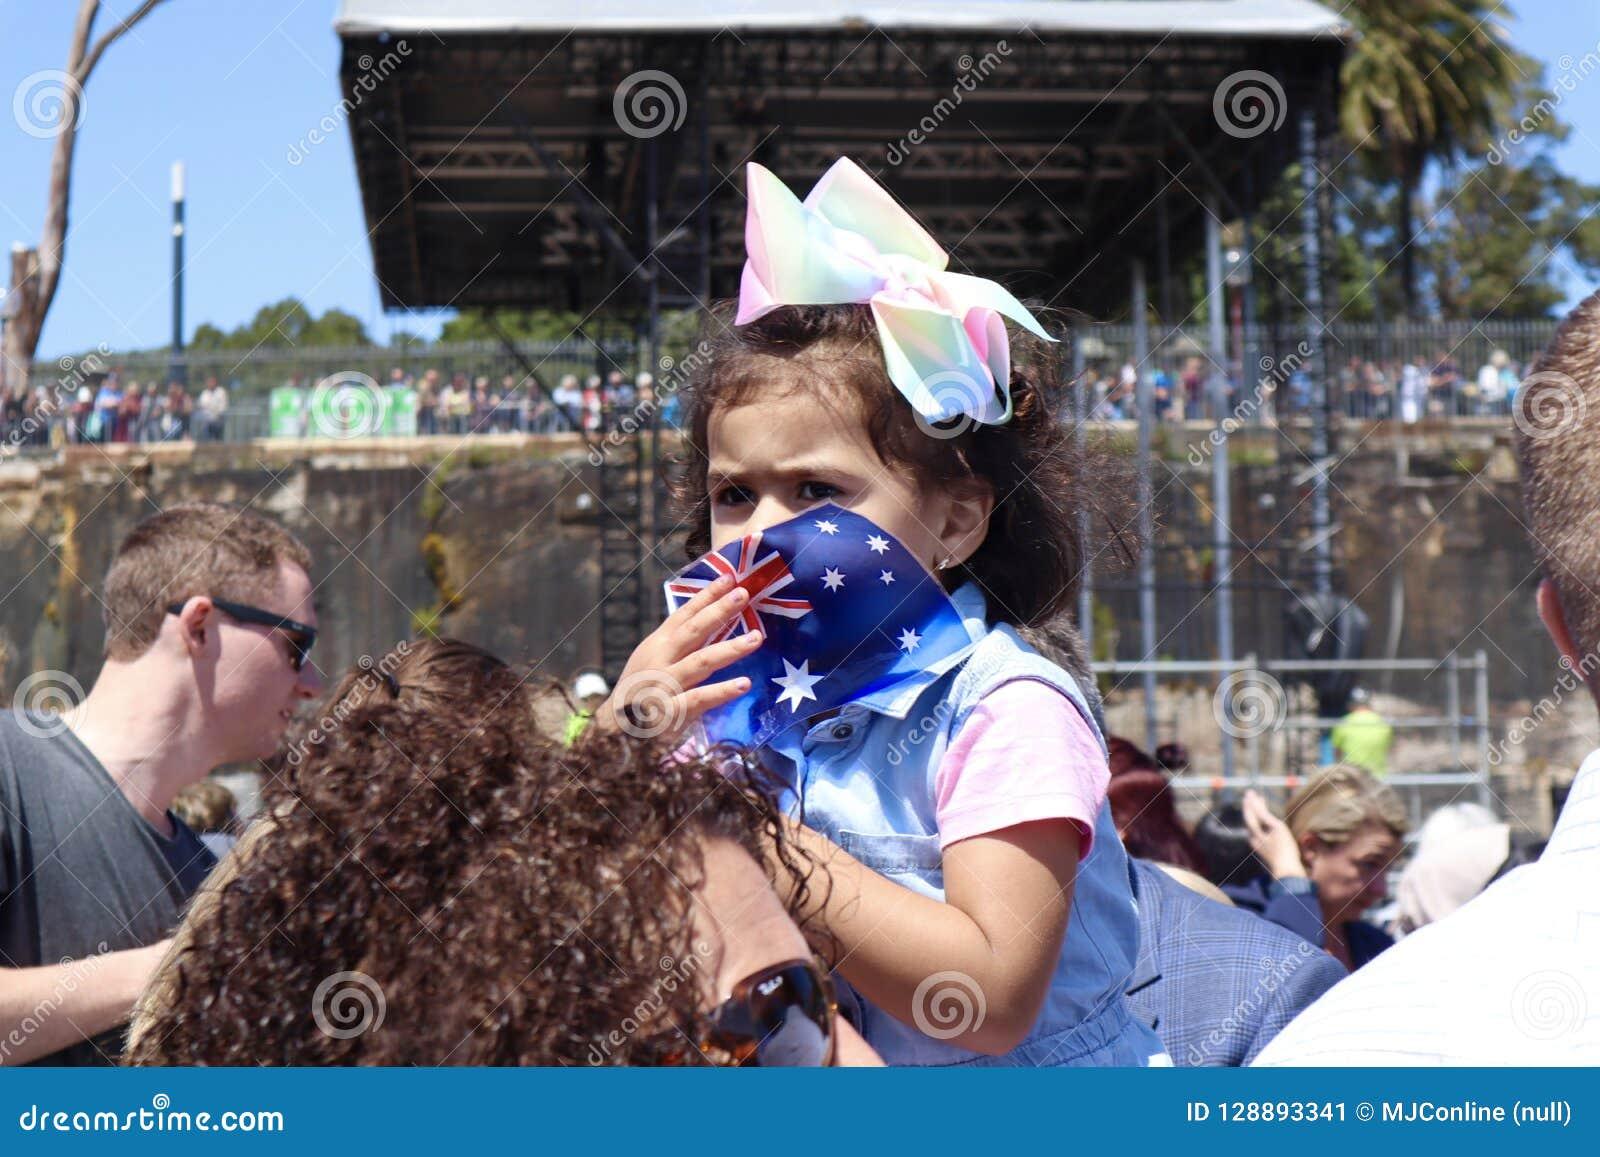 Sydney, Australia 16/10/2018 - la ragazza attende un occhiata di principe Harry e Meghan Markle, Sydney Opera House